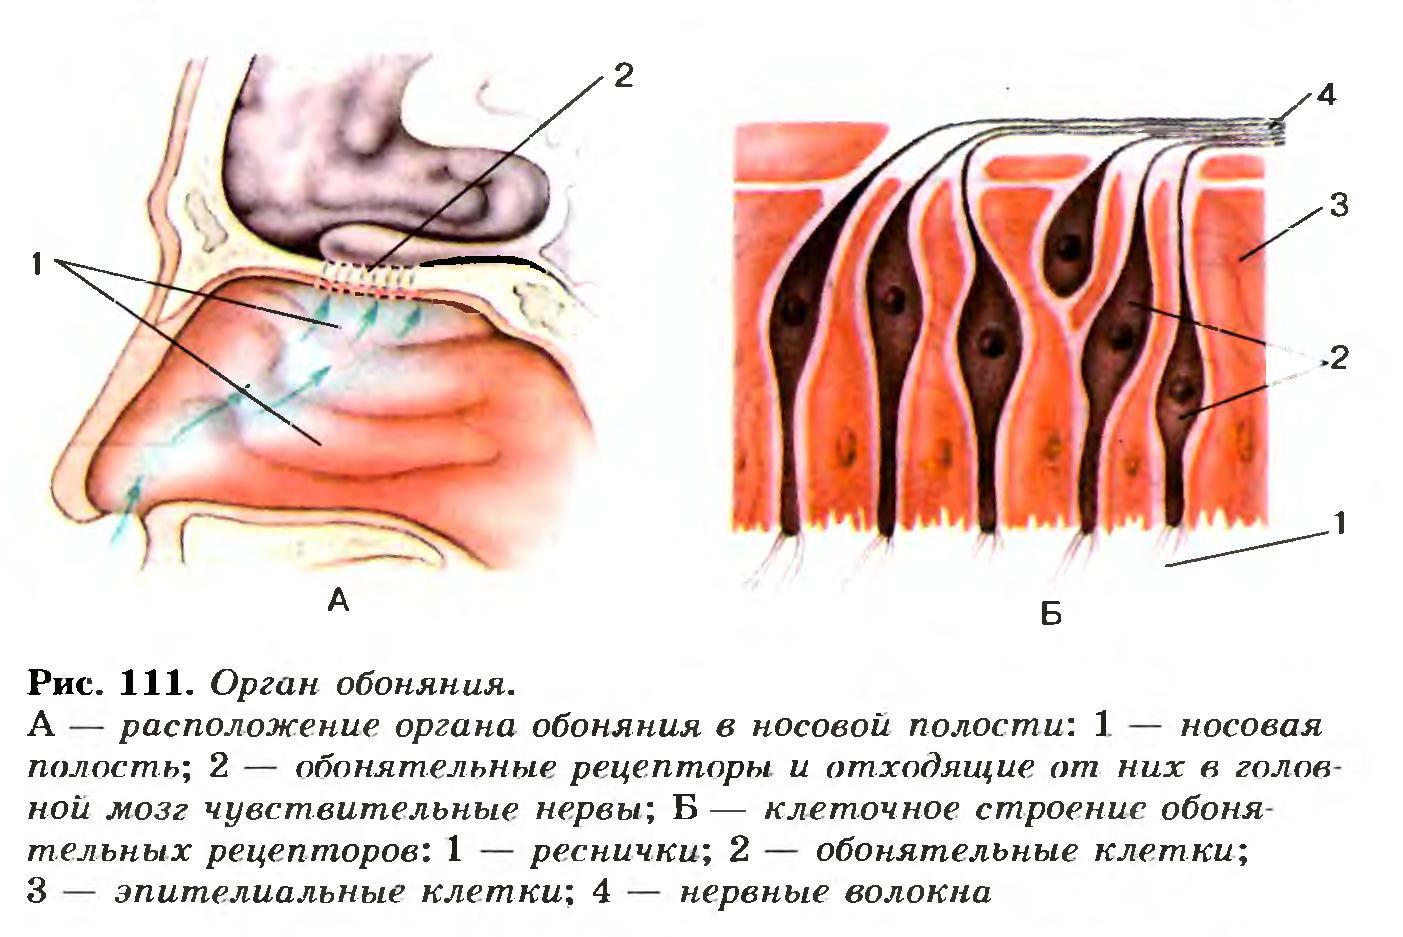 Обонятельные рецепторы расположены в слизистой оболочке